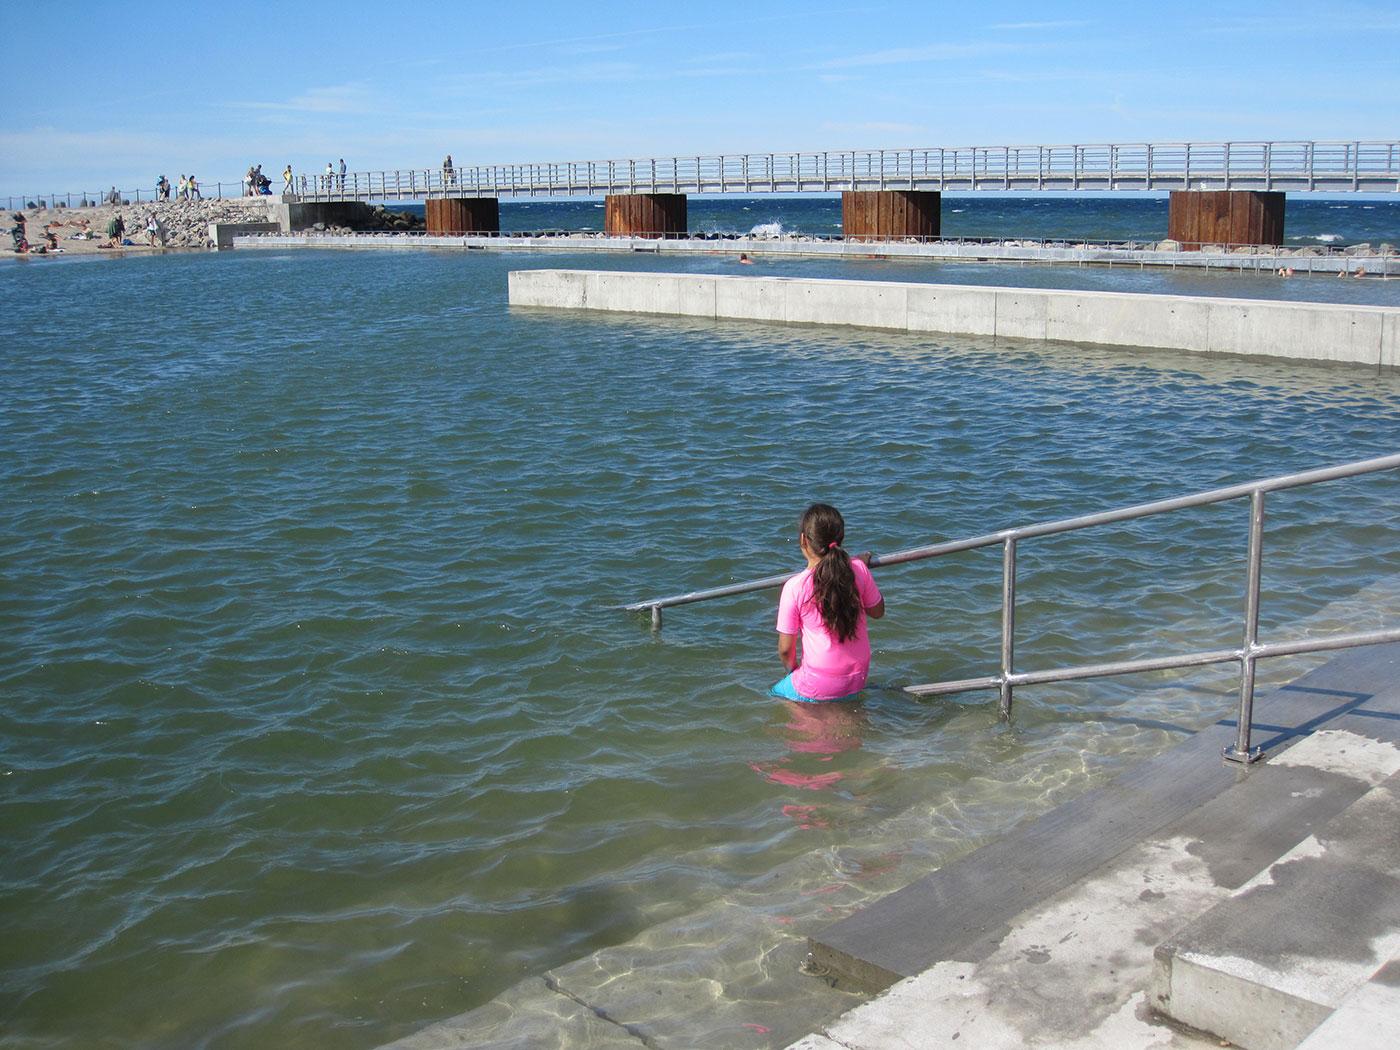 Havnebad med pige der er på vej ned i vand. Pige støtter sig til gelænder. Mole med gående i baggrund.